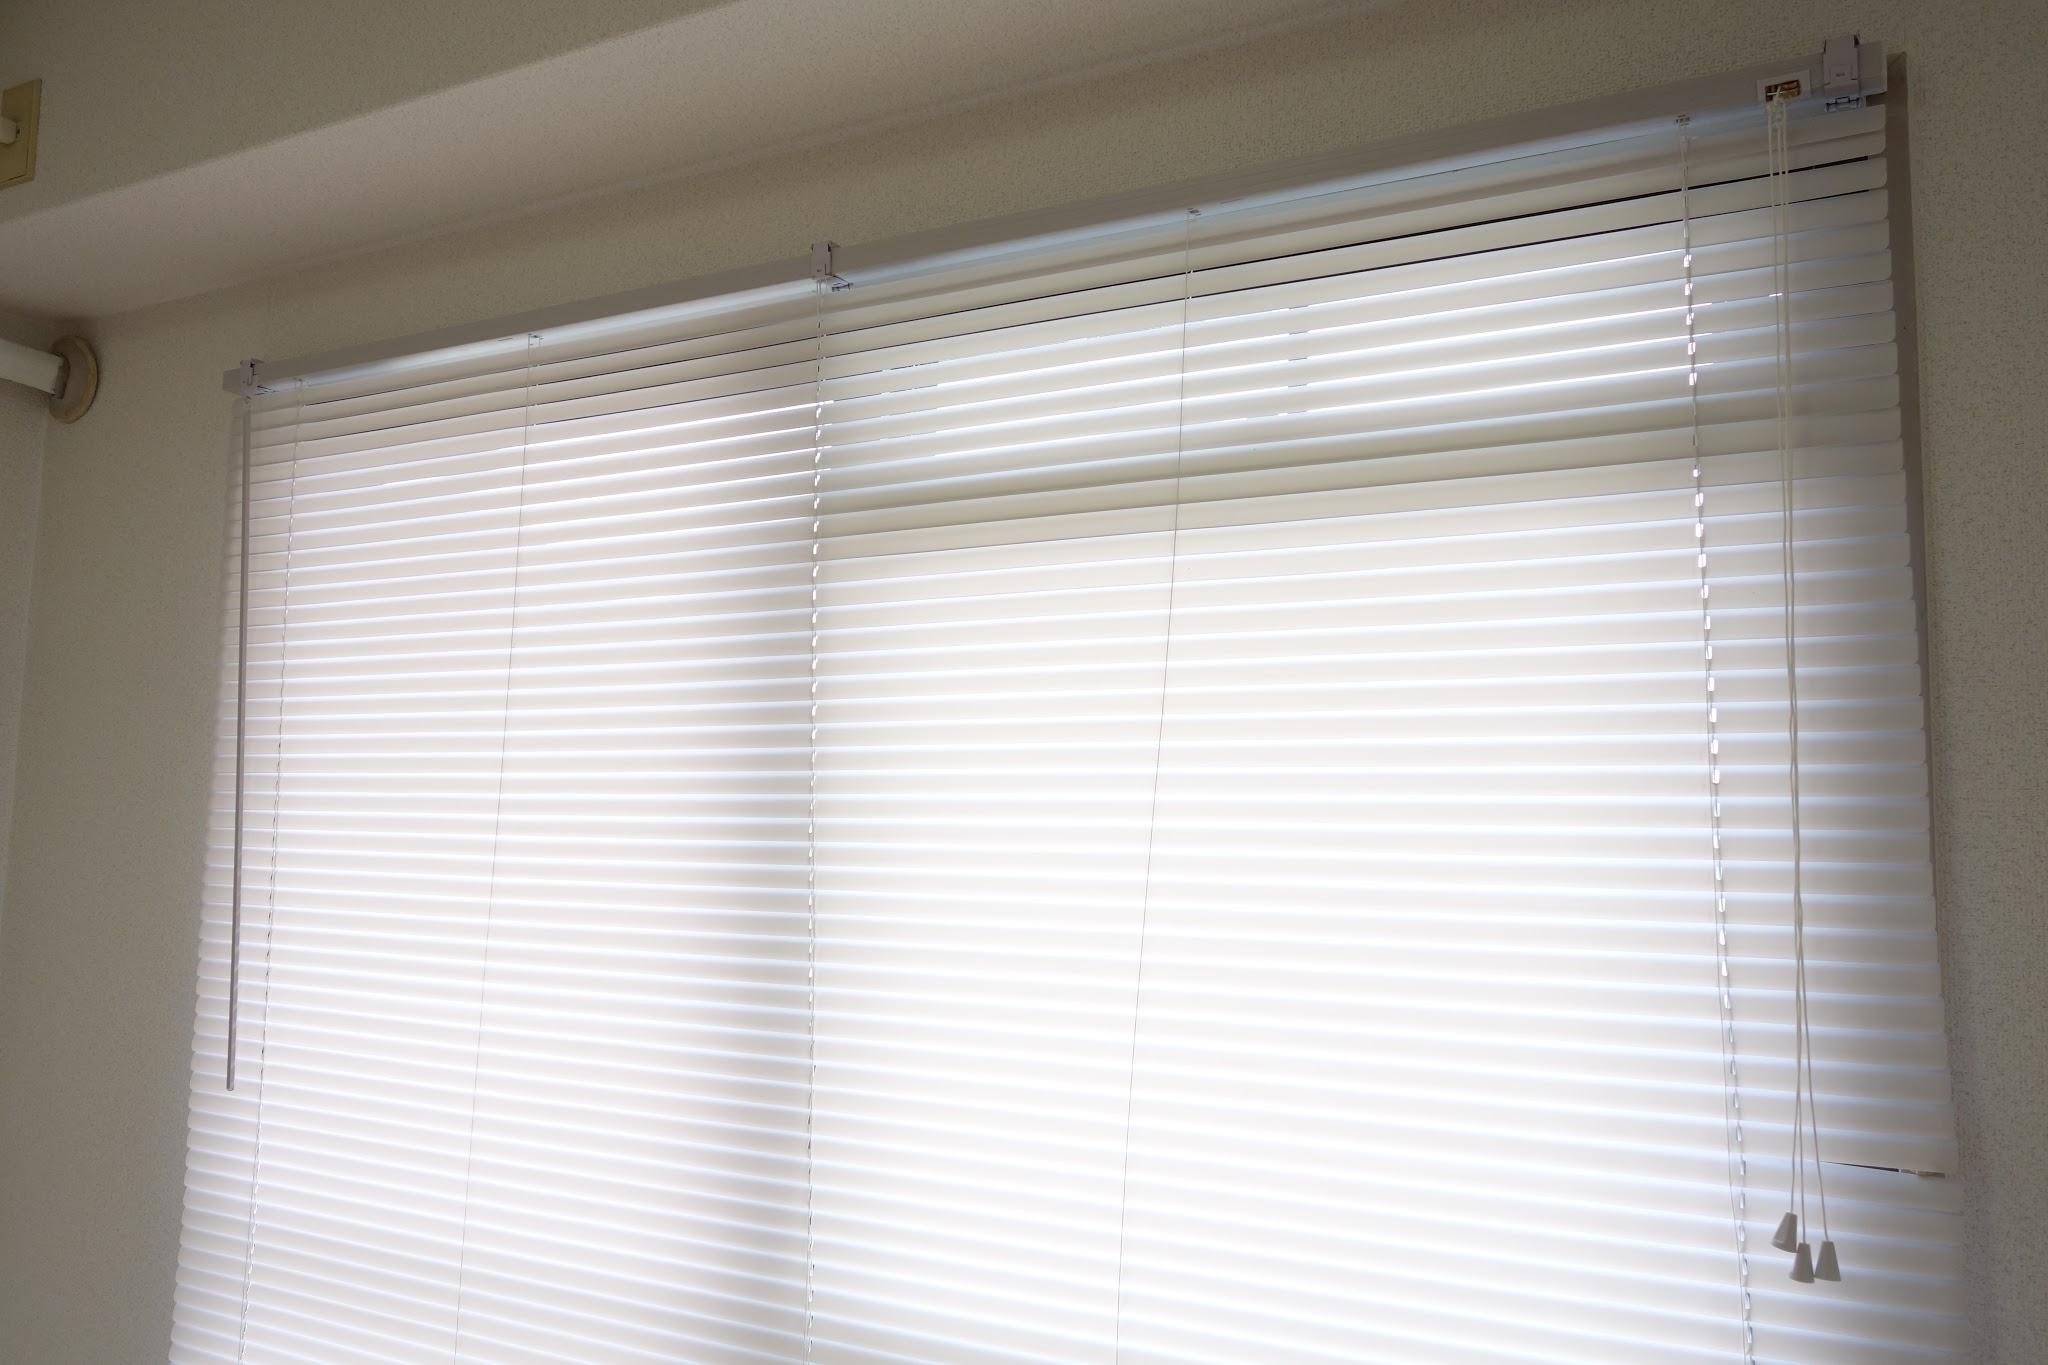 窓枠に付属のネジで固定具を留めていきます。